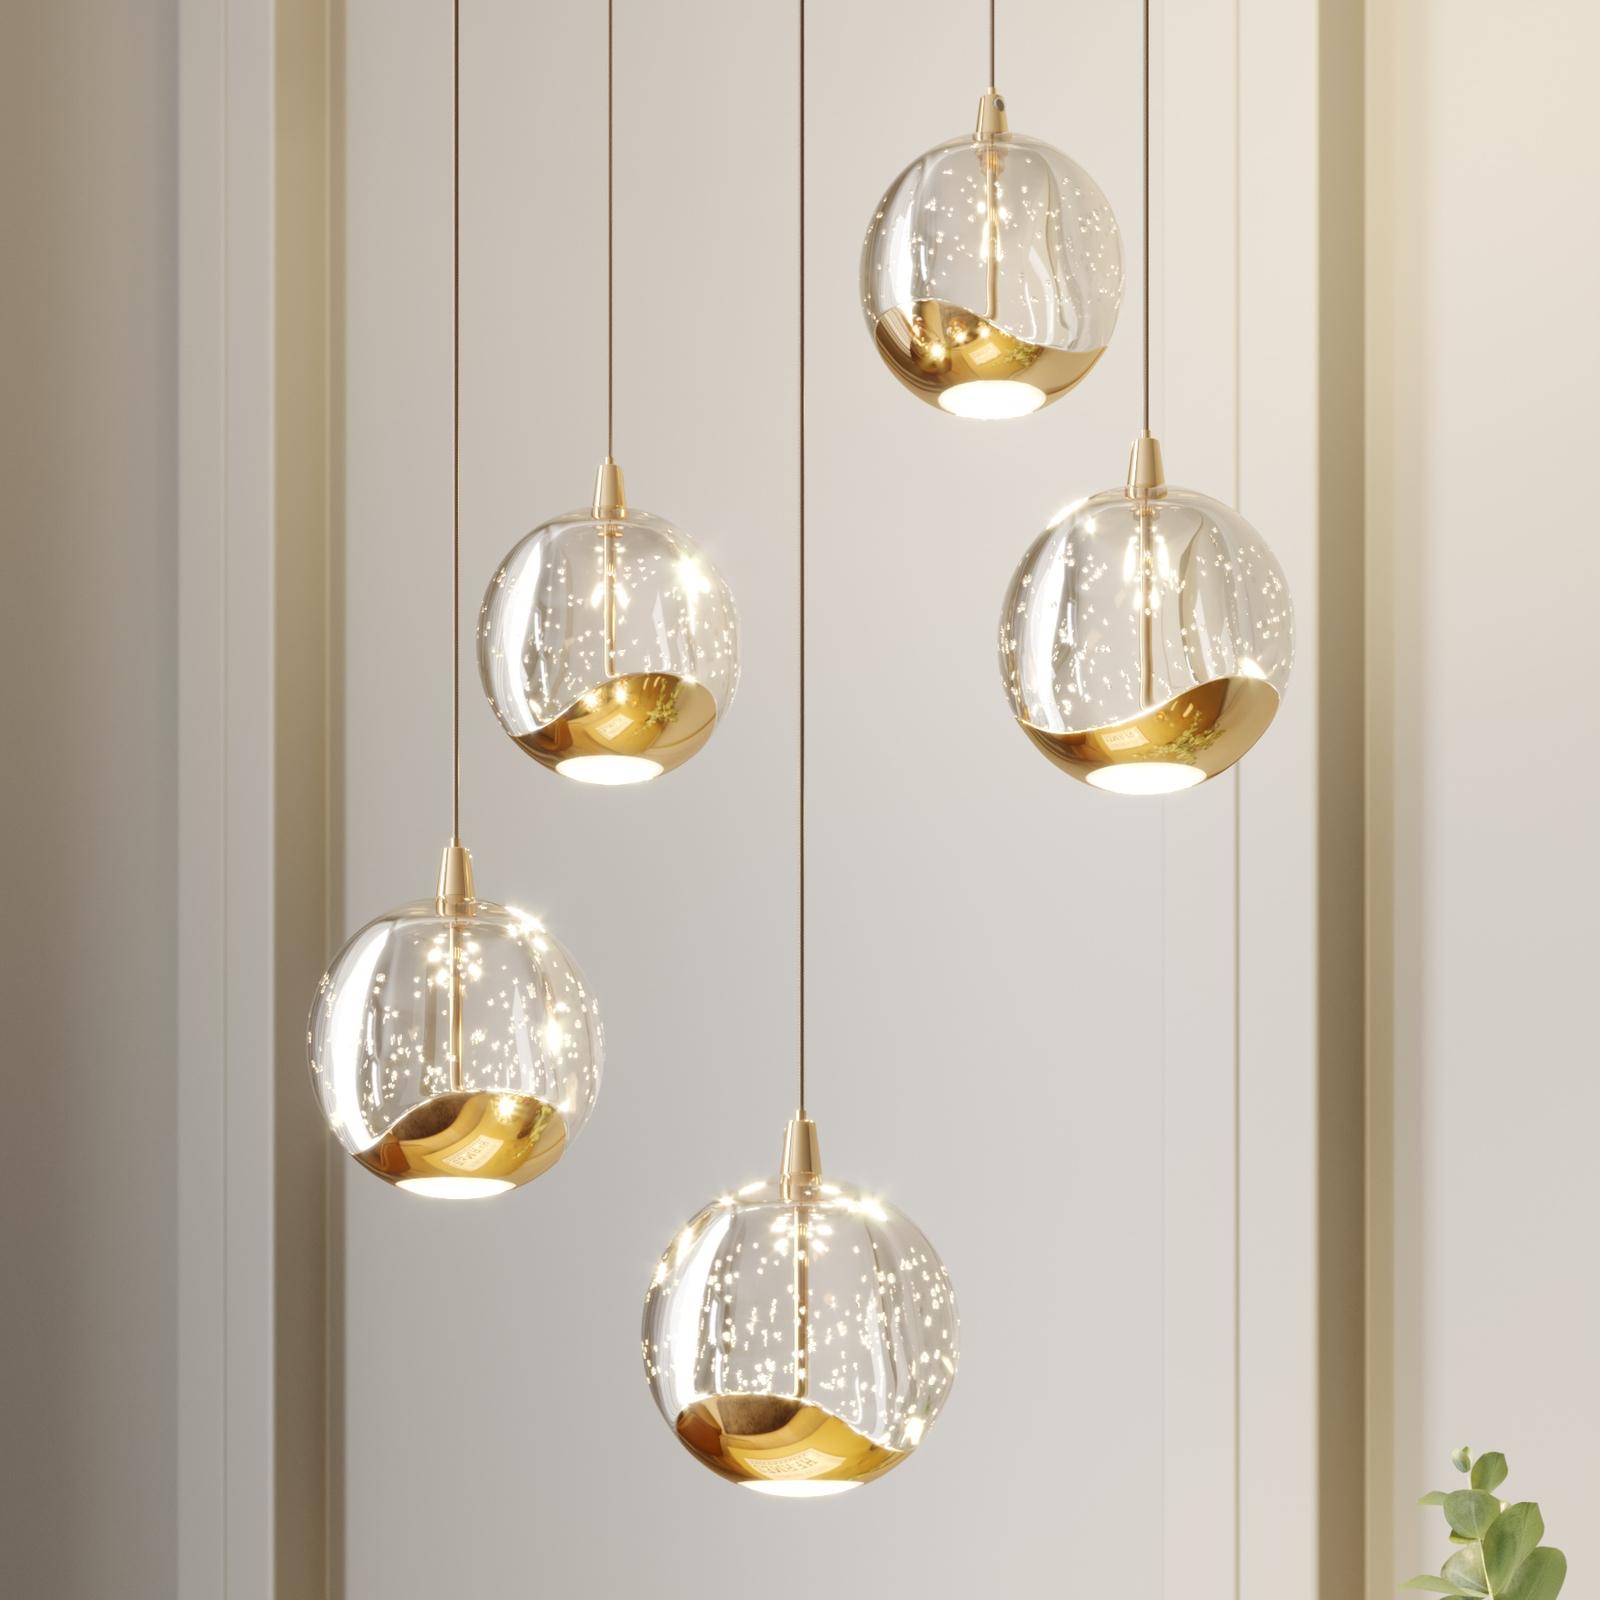 Lampa wisząca LED Hayley 5-pkt. okrągła złota